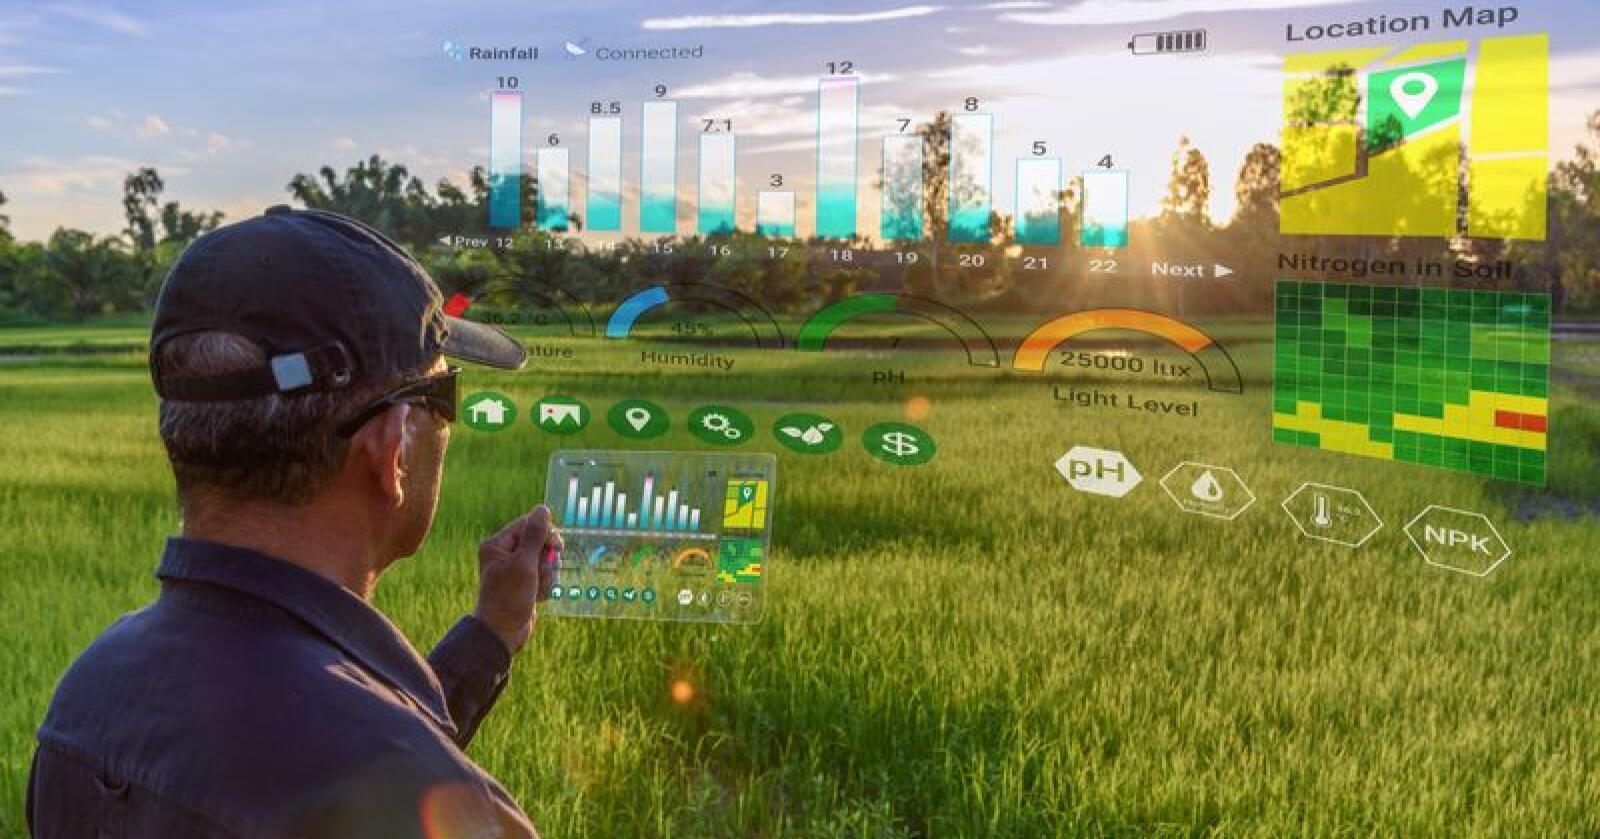 5G vil åpne for mange flere muligheter, også i landbruket. Raskere nett med kortere responstid muliggjør blant annet en sikker og stabil forbindelse til selvkjørende maskiner. (Foto: William Potter/Shutterstock)